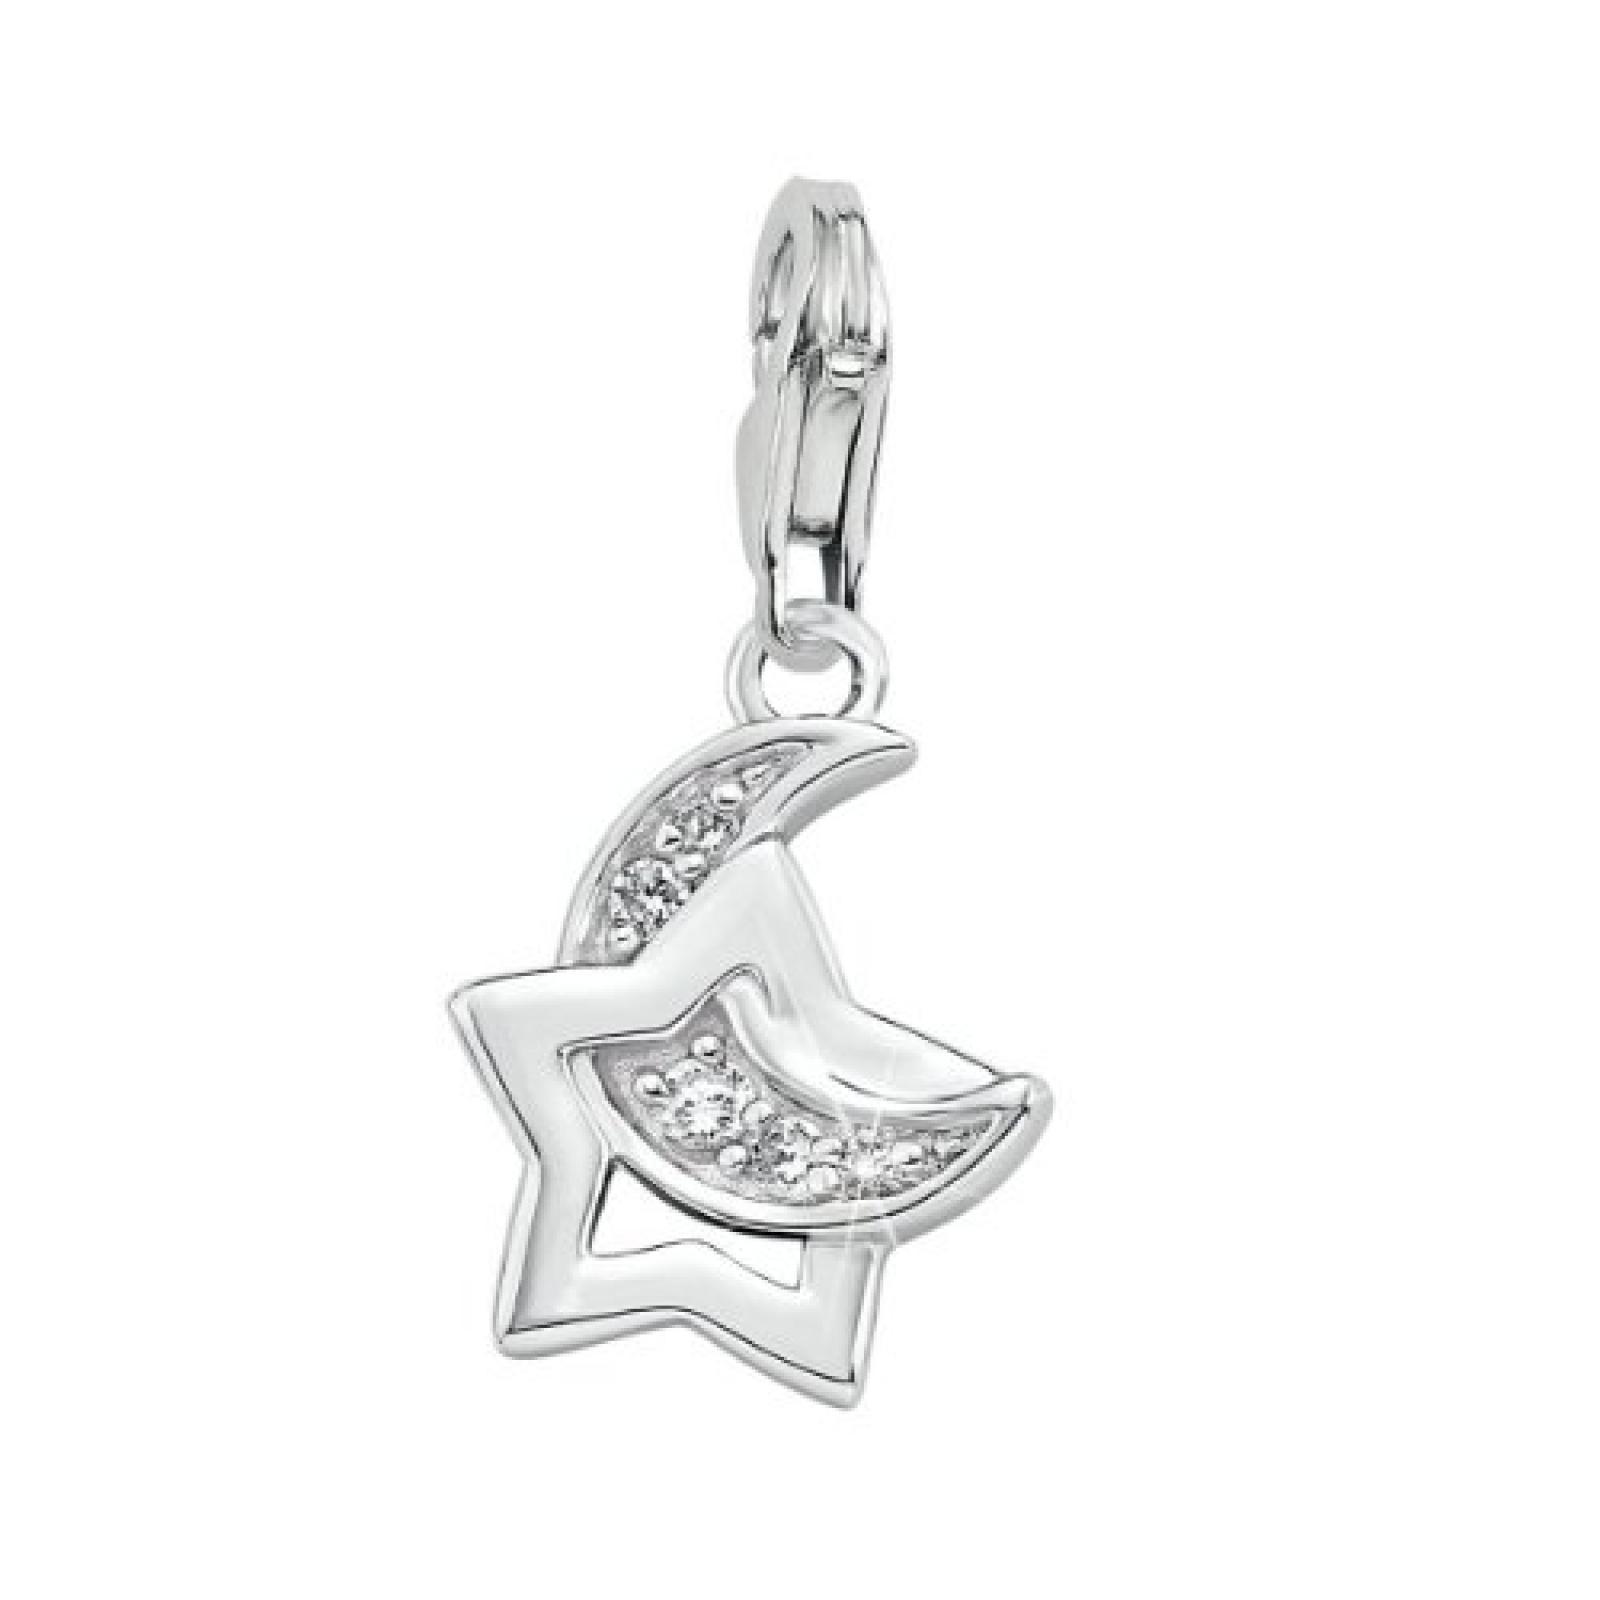 s.Oliver Jewels Damen-Charm 925 Sterling Silber 465212